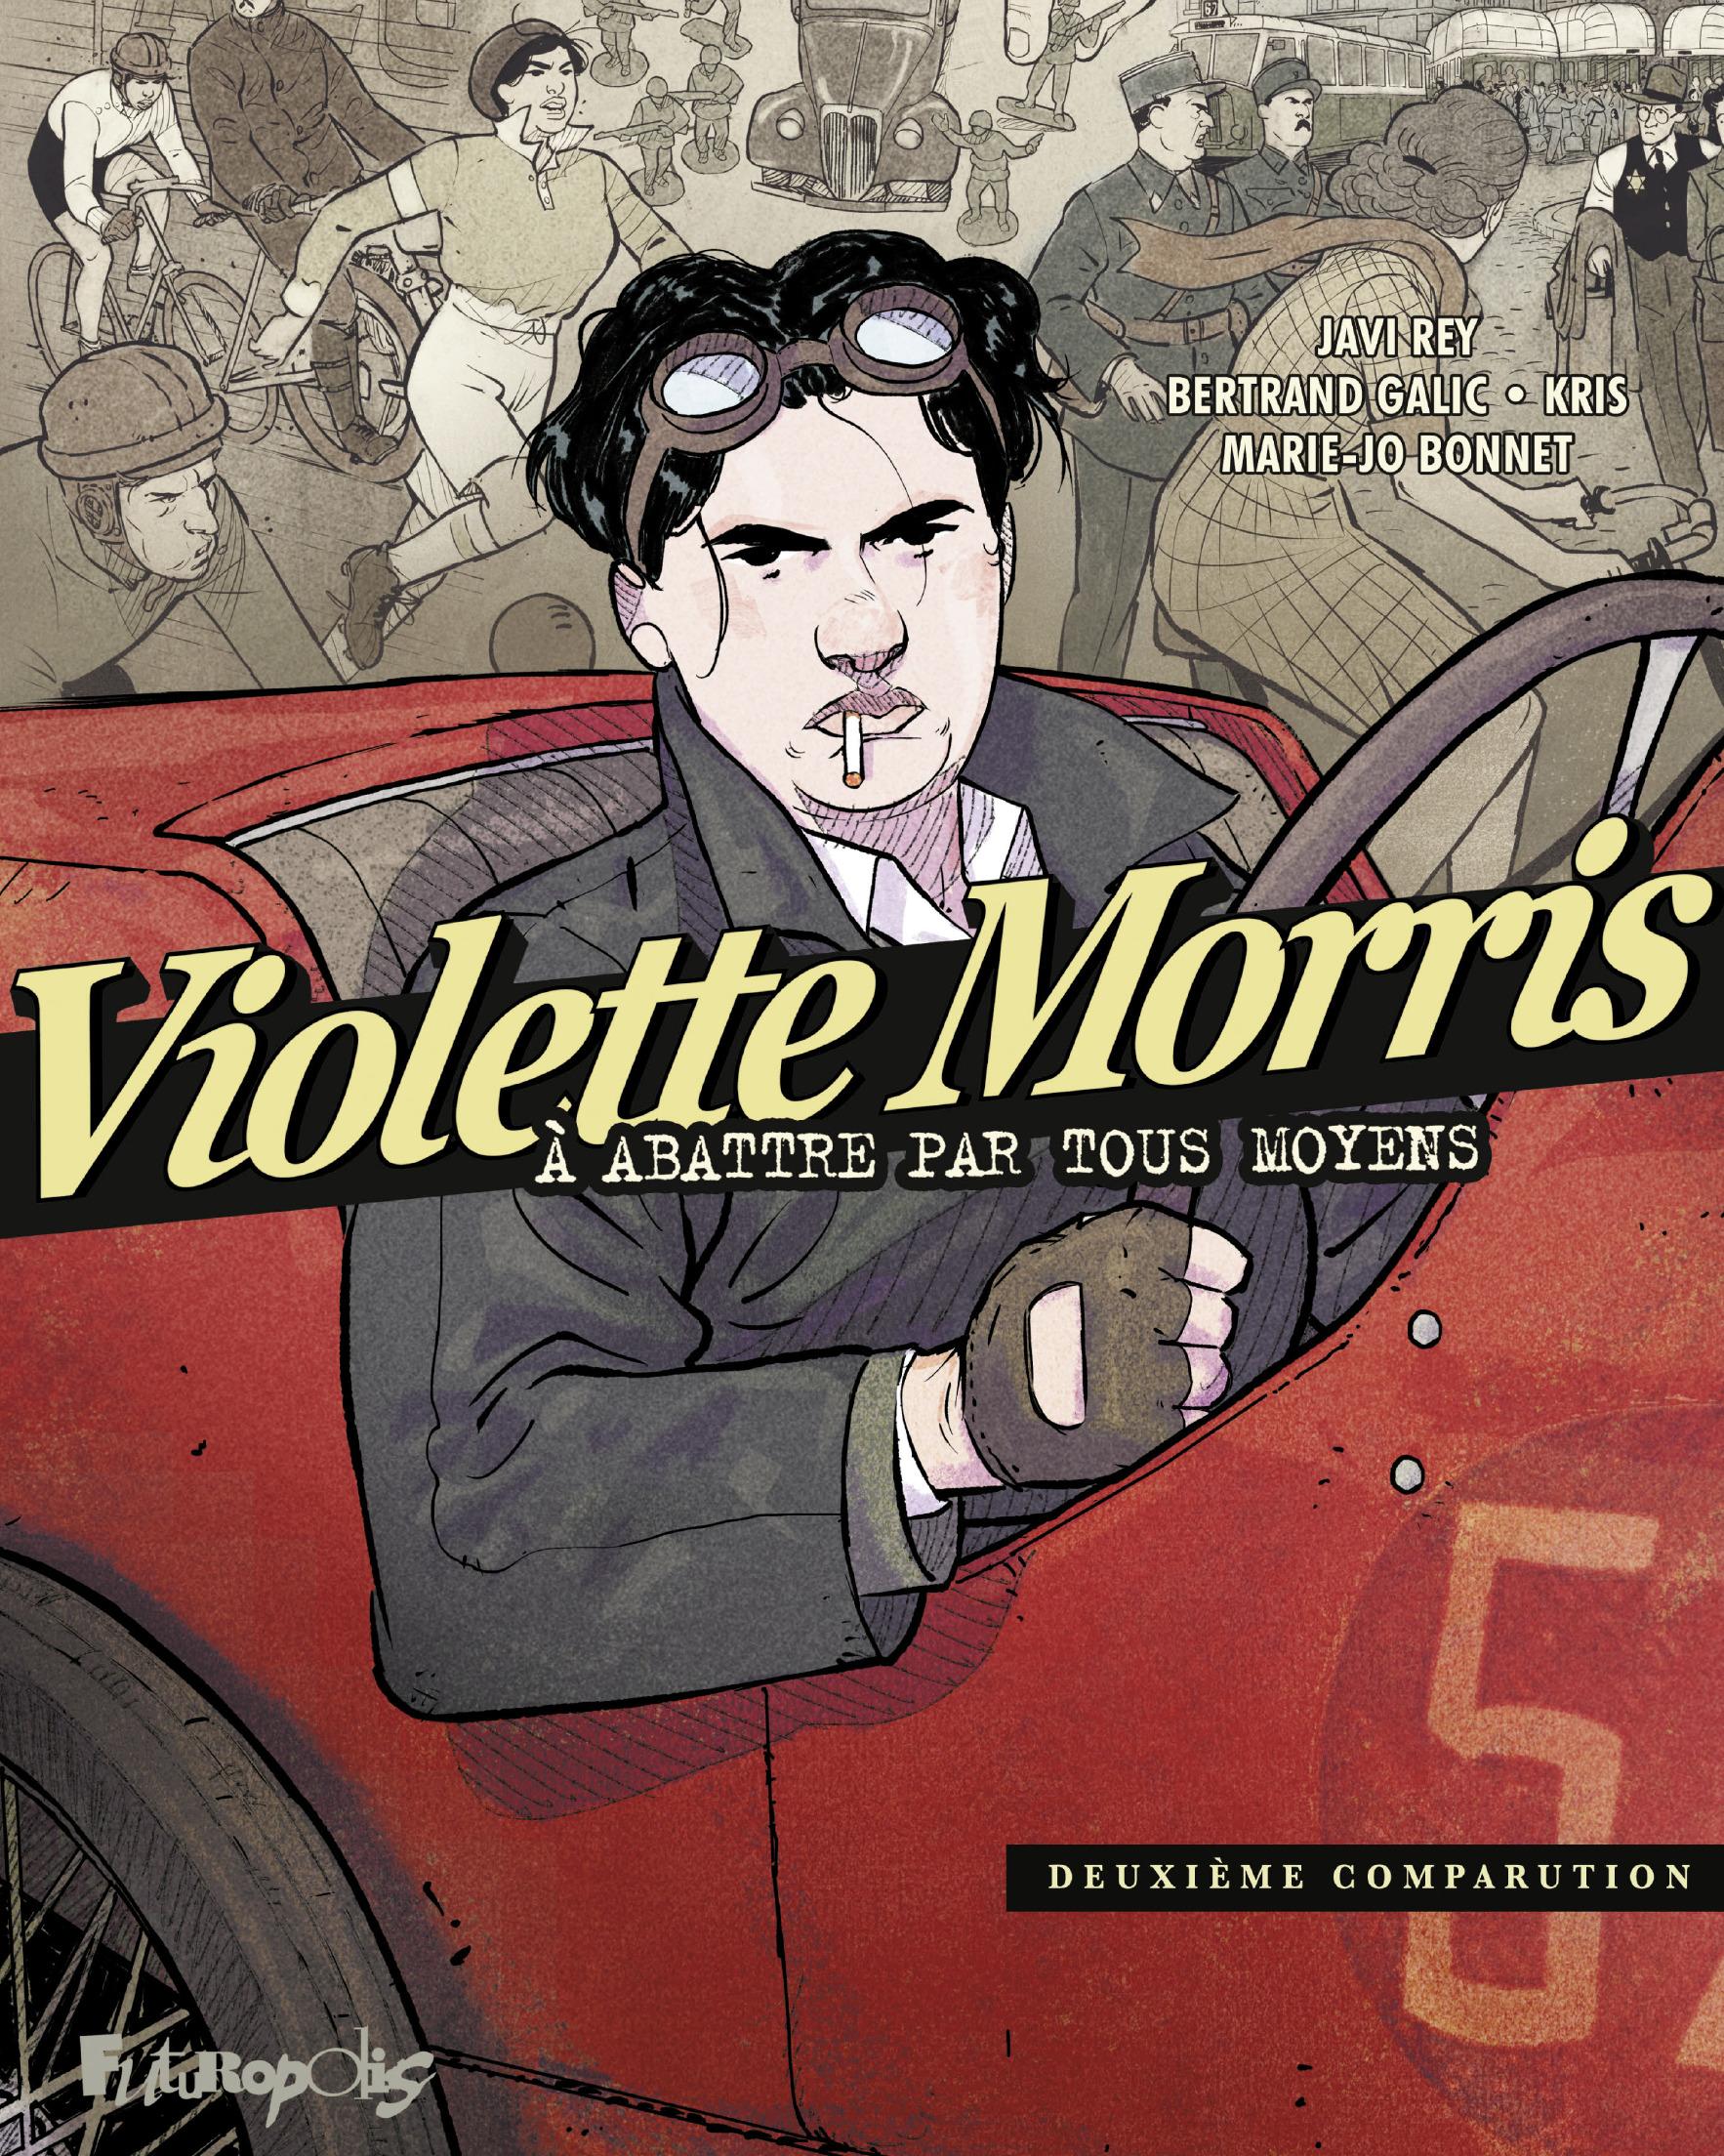 Violette Morris 2 - A battre par tous moyens